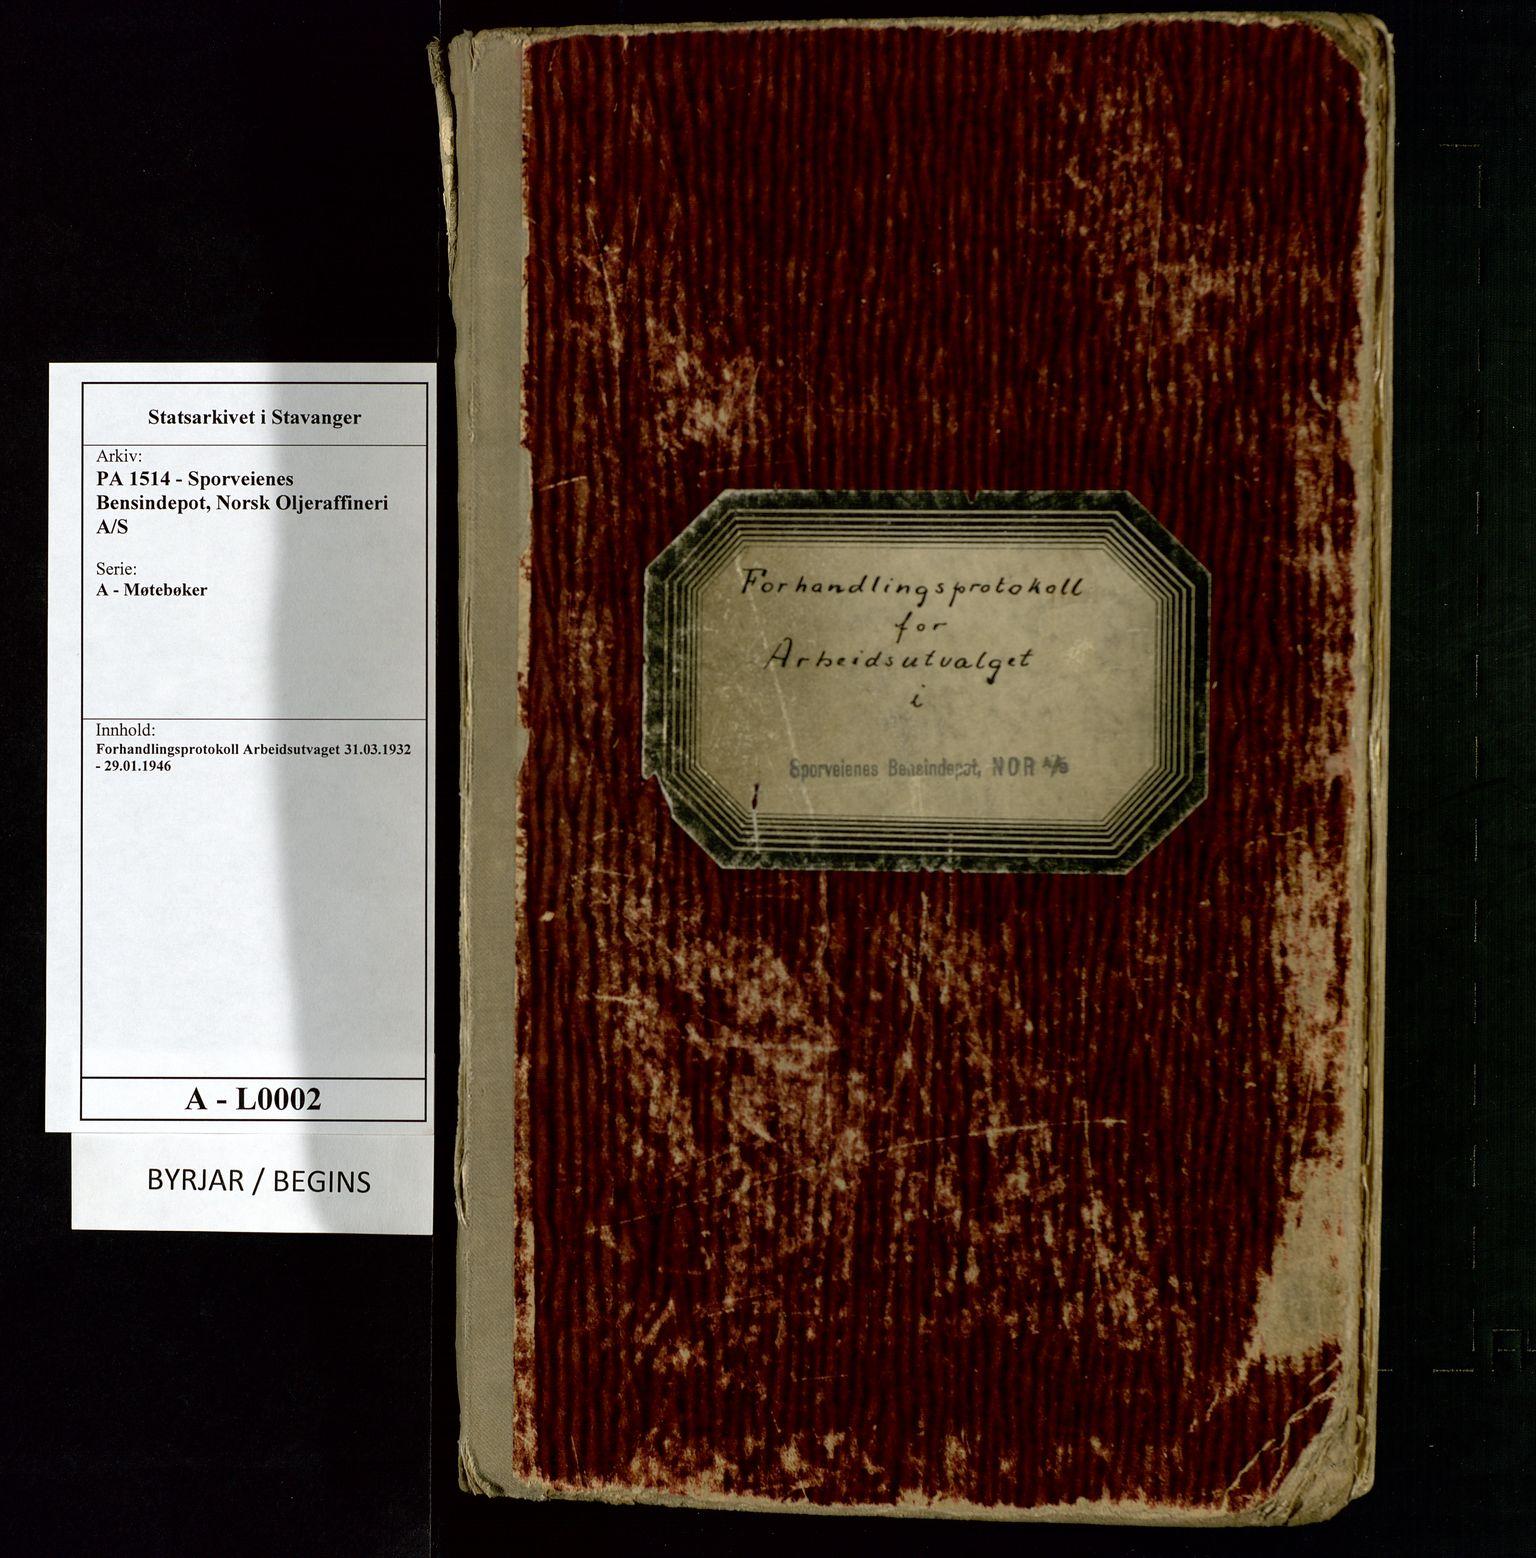 SAST, PA 1514 - Sporveienes Bensindepot, Norsk Oljeraffineri A/S, A/L0002: Forhandlingsprotokoll Arbeidsutvaget, 1932-1946, s. 1